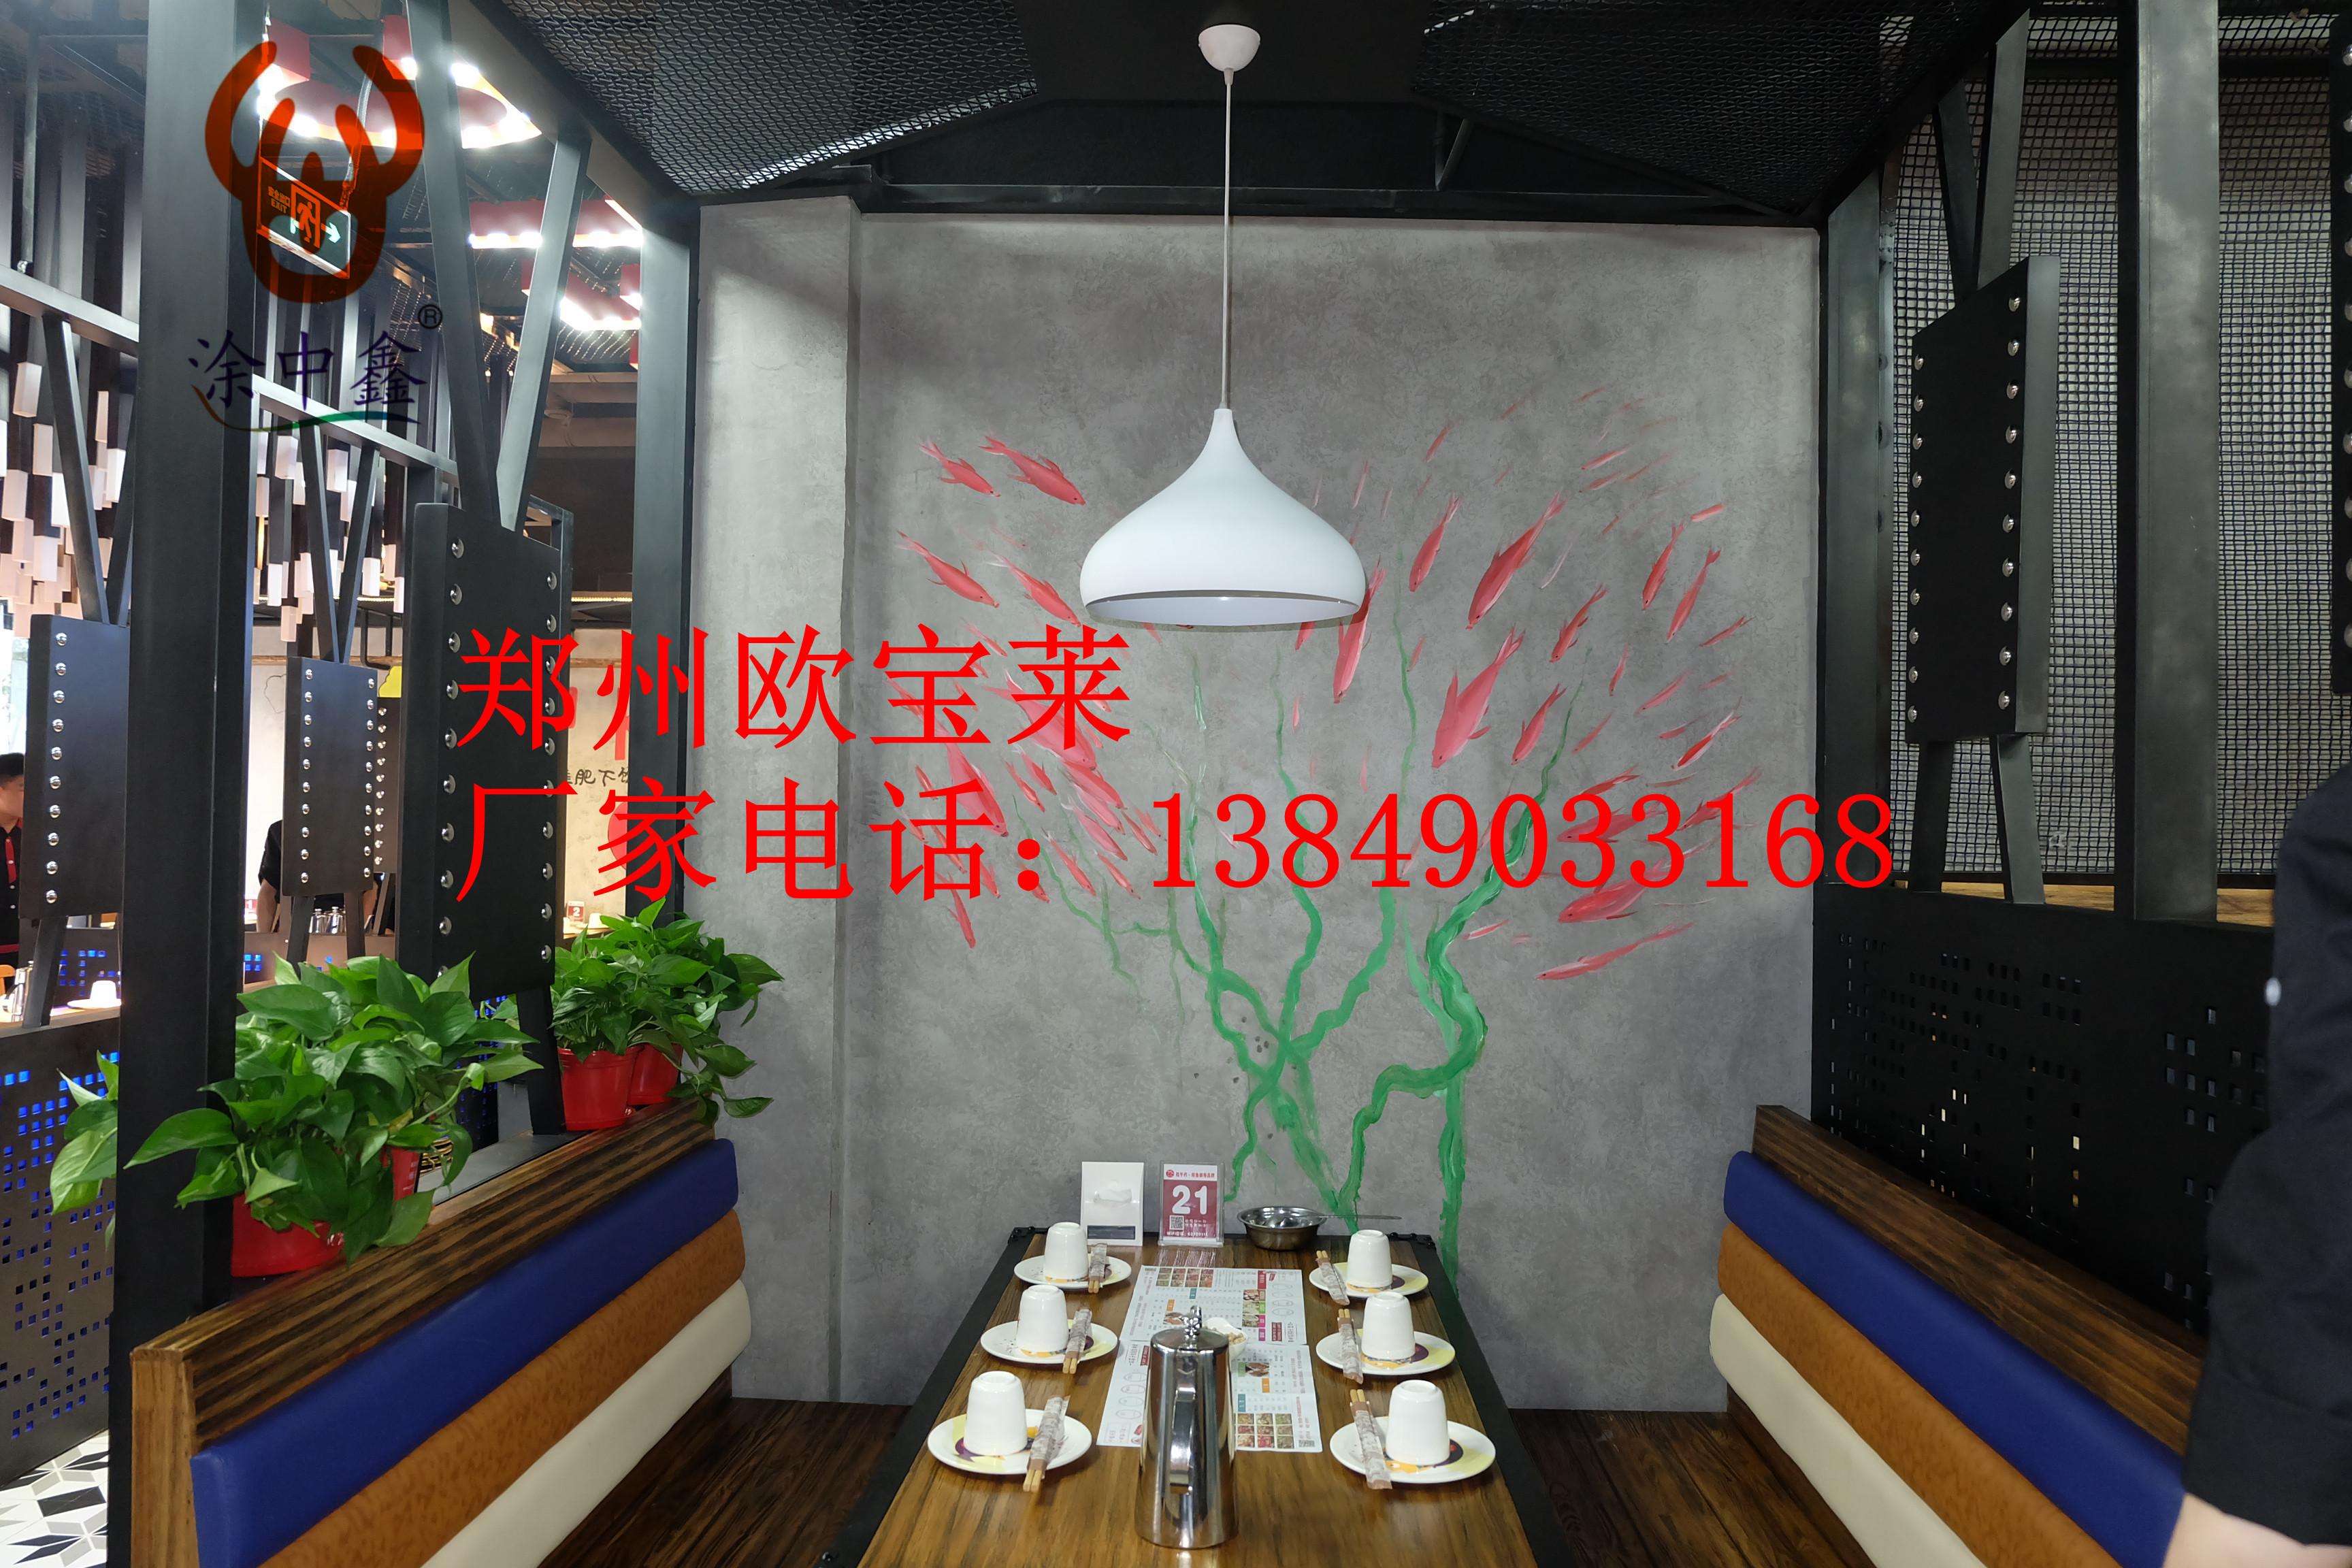 河南水泥漆厂家 水泥漆厂家供应 郑州水泥漆供应 水泥漆价格